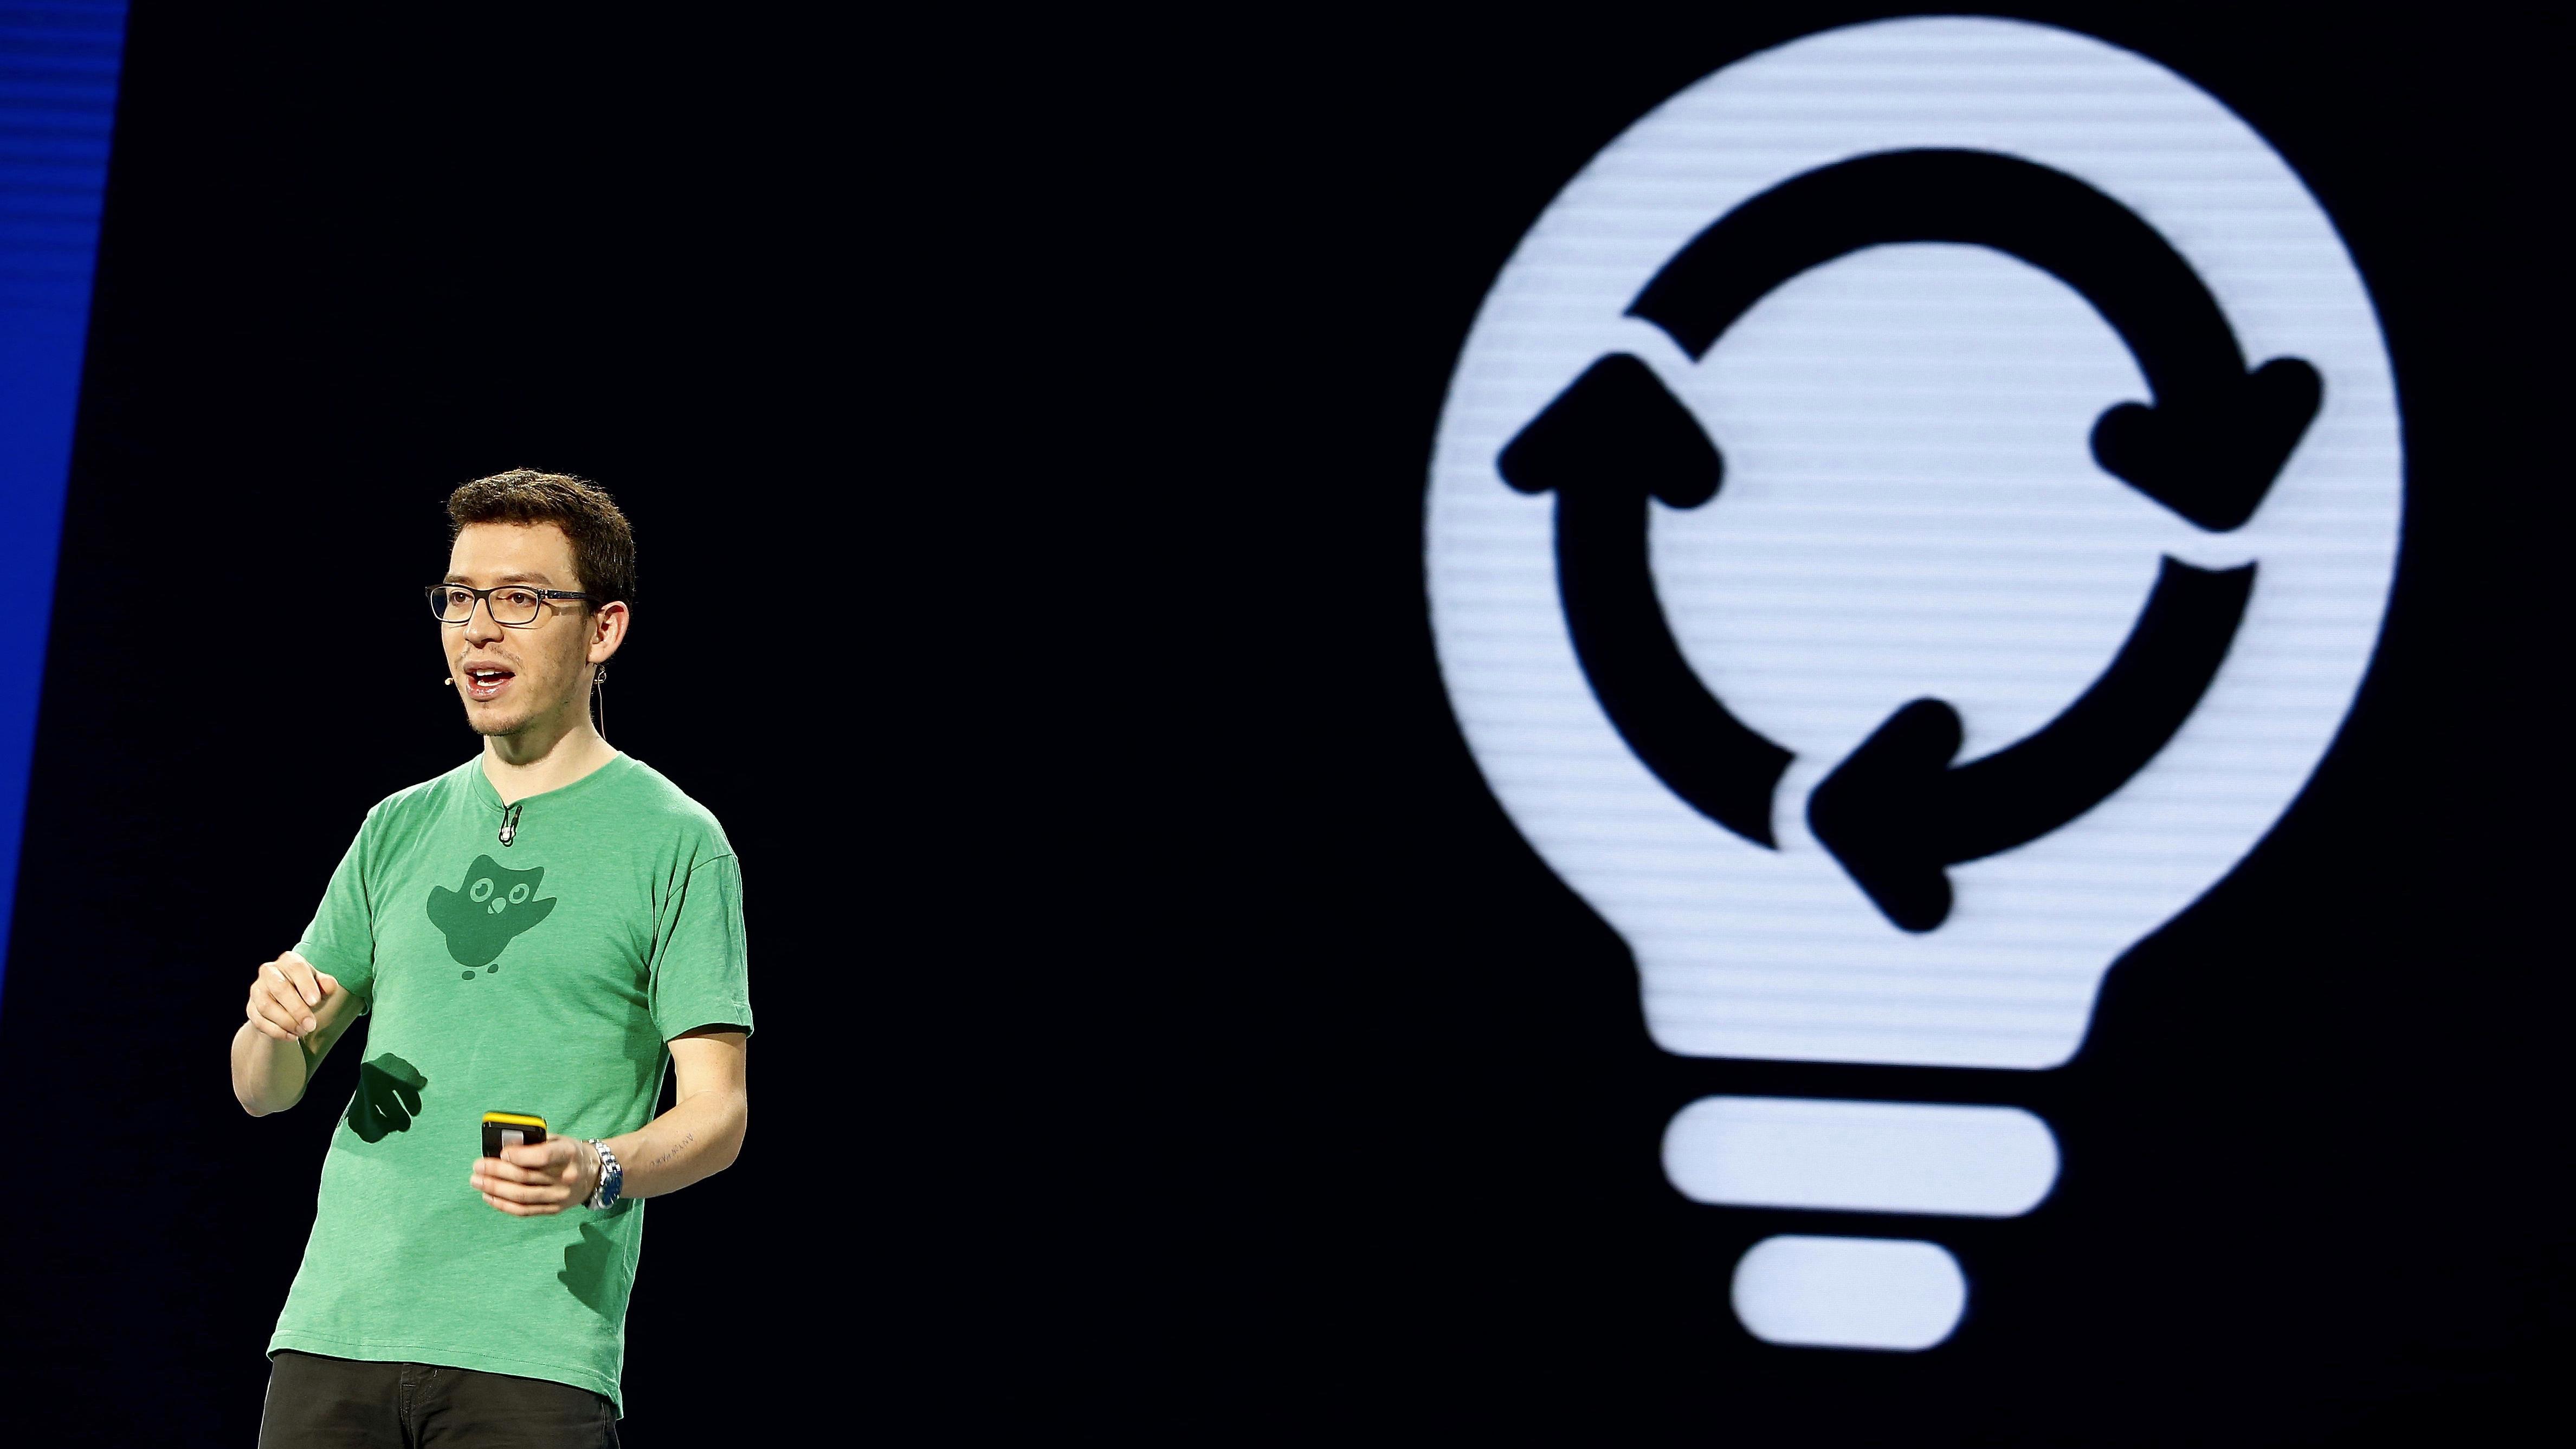 Duolingo CEO Luis von Ahn announces launch of Swahili platform, Zulu platform in development